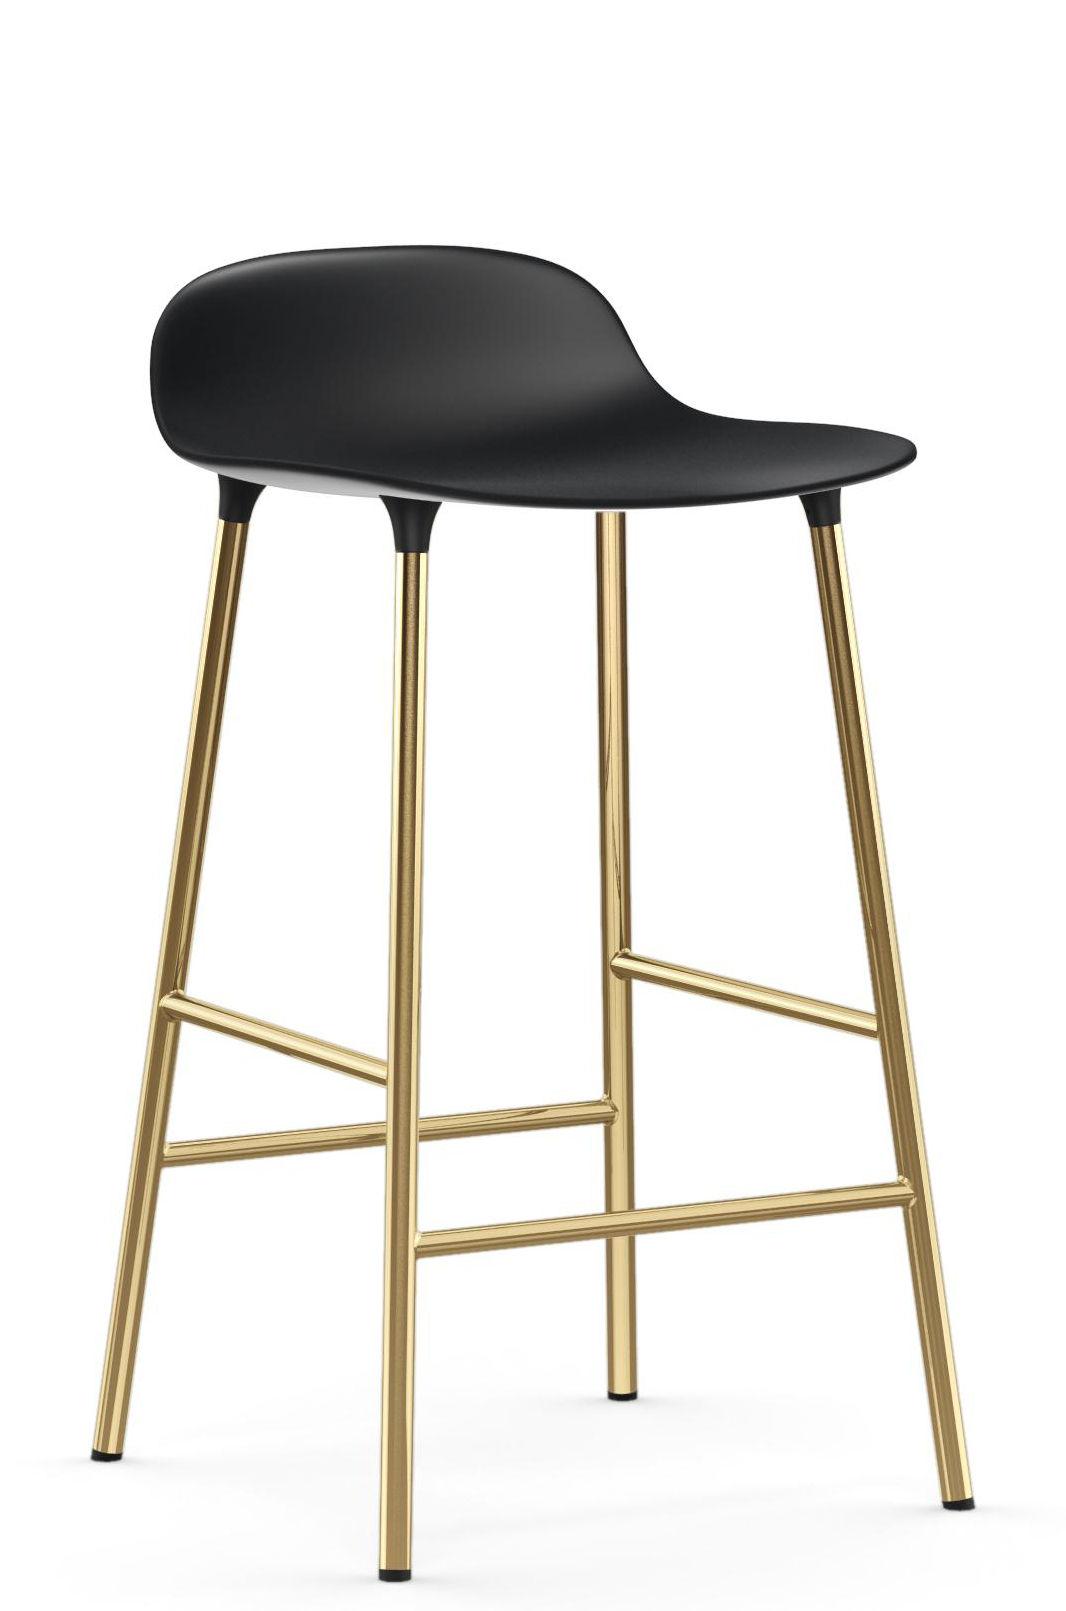 Möbel - Barhocker - Form Barhocker / H 65 cm - Stuhlbeine Messing - Normann Copenhagen - Schwarz / Messing - Acier plaqué laiton, Polypropylen